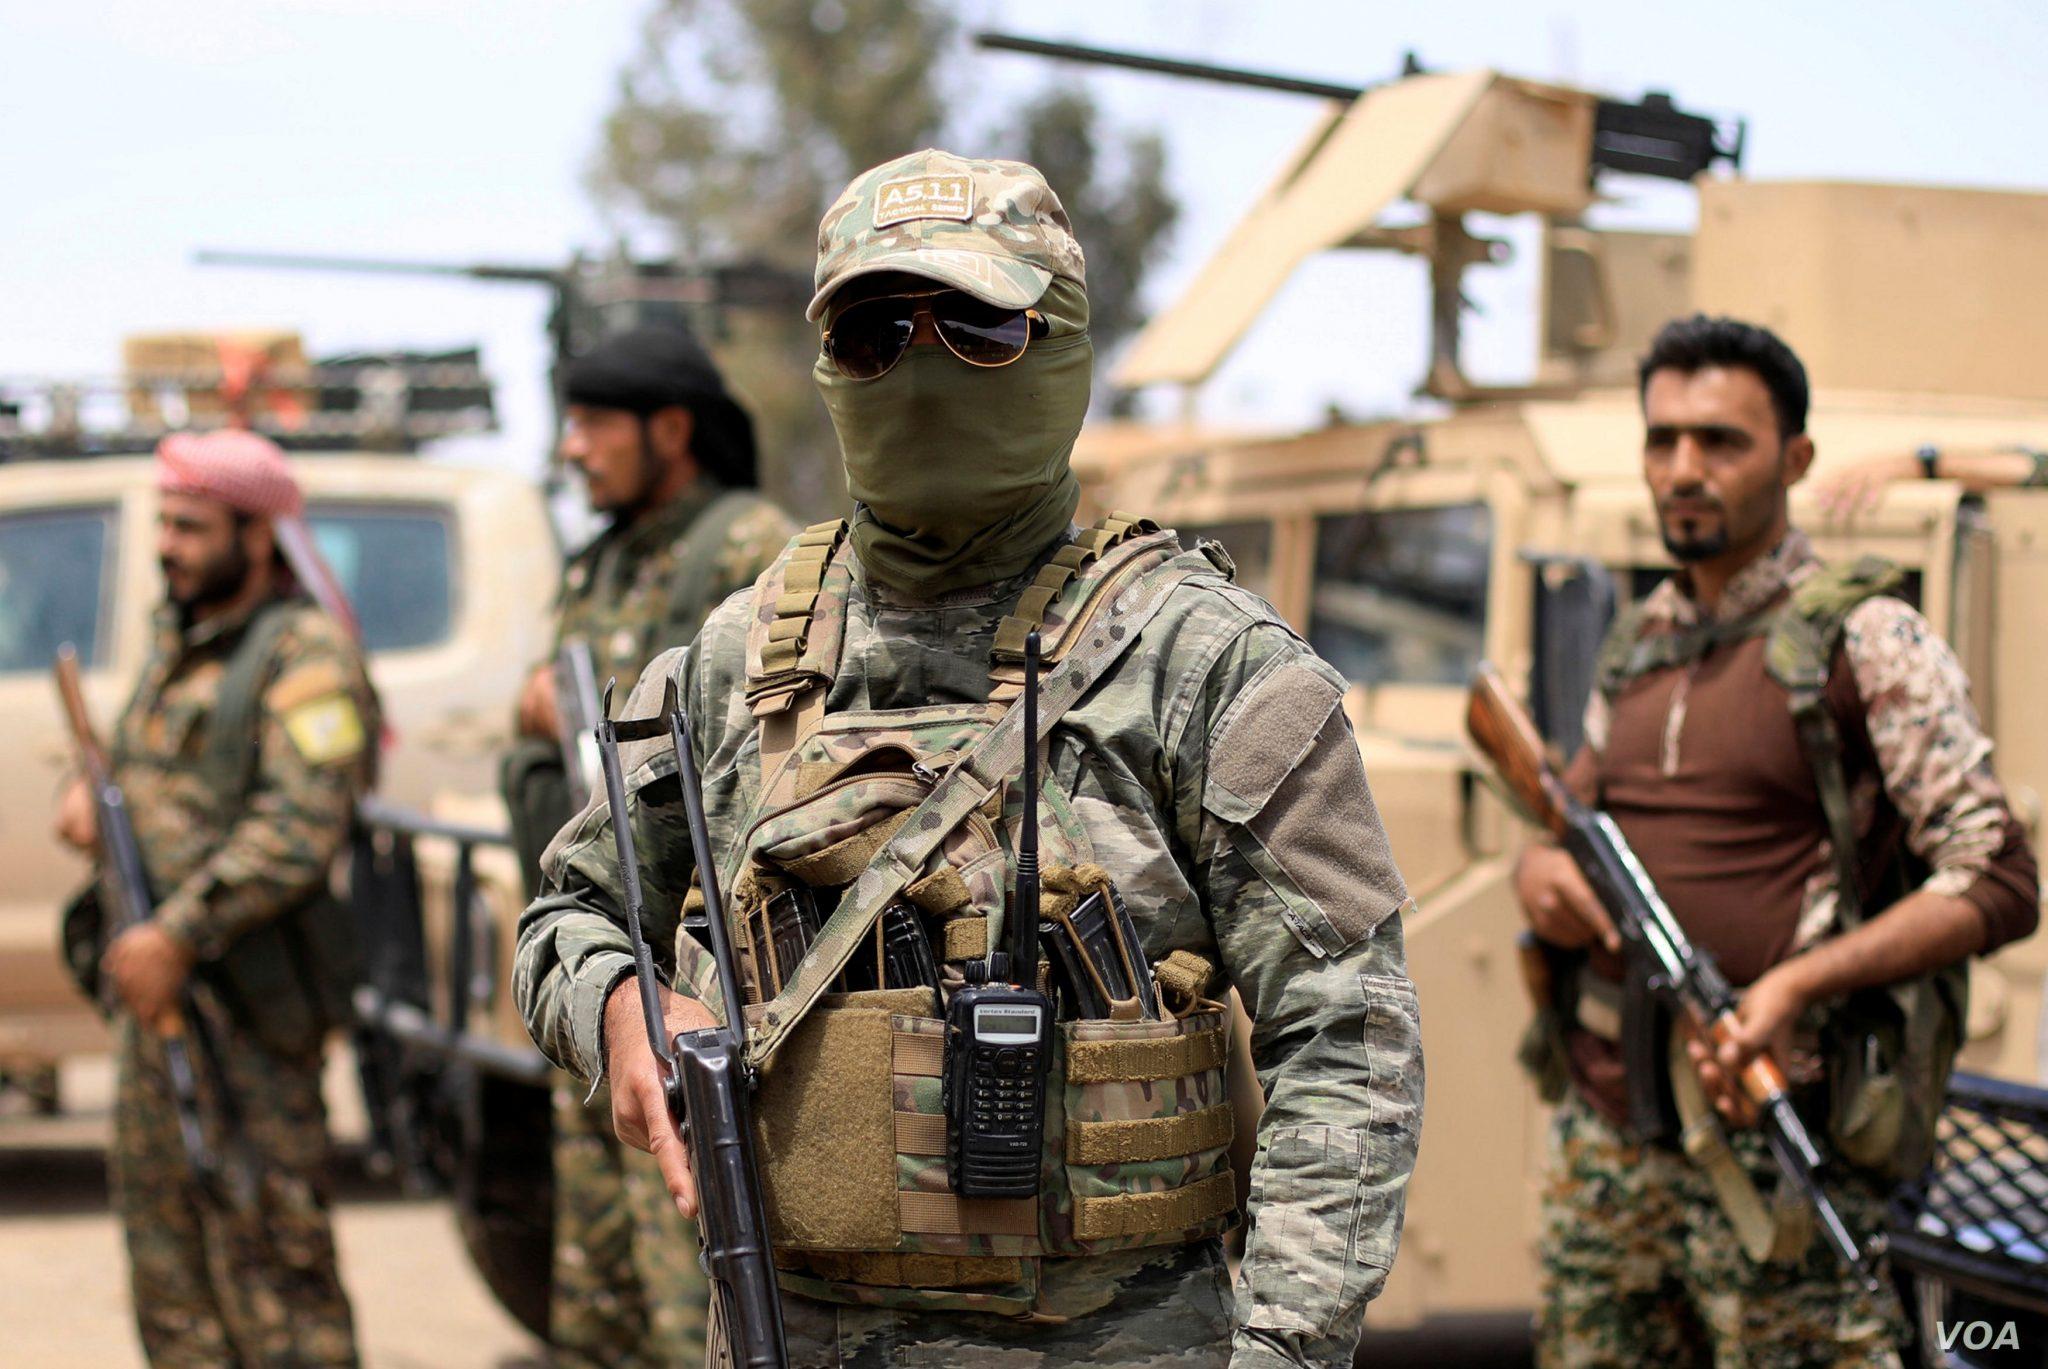 صورة بقوام 40 ألف مقاتل.. أوروبا قد تنشأ منطقة آمنة برعايتها في سورية!